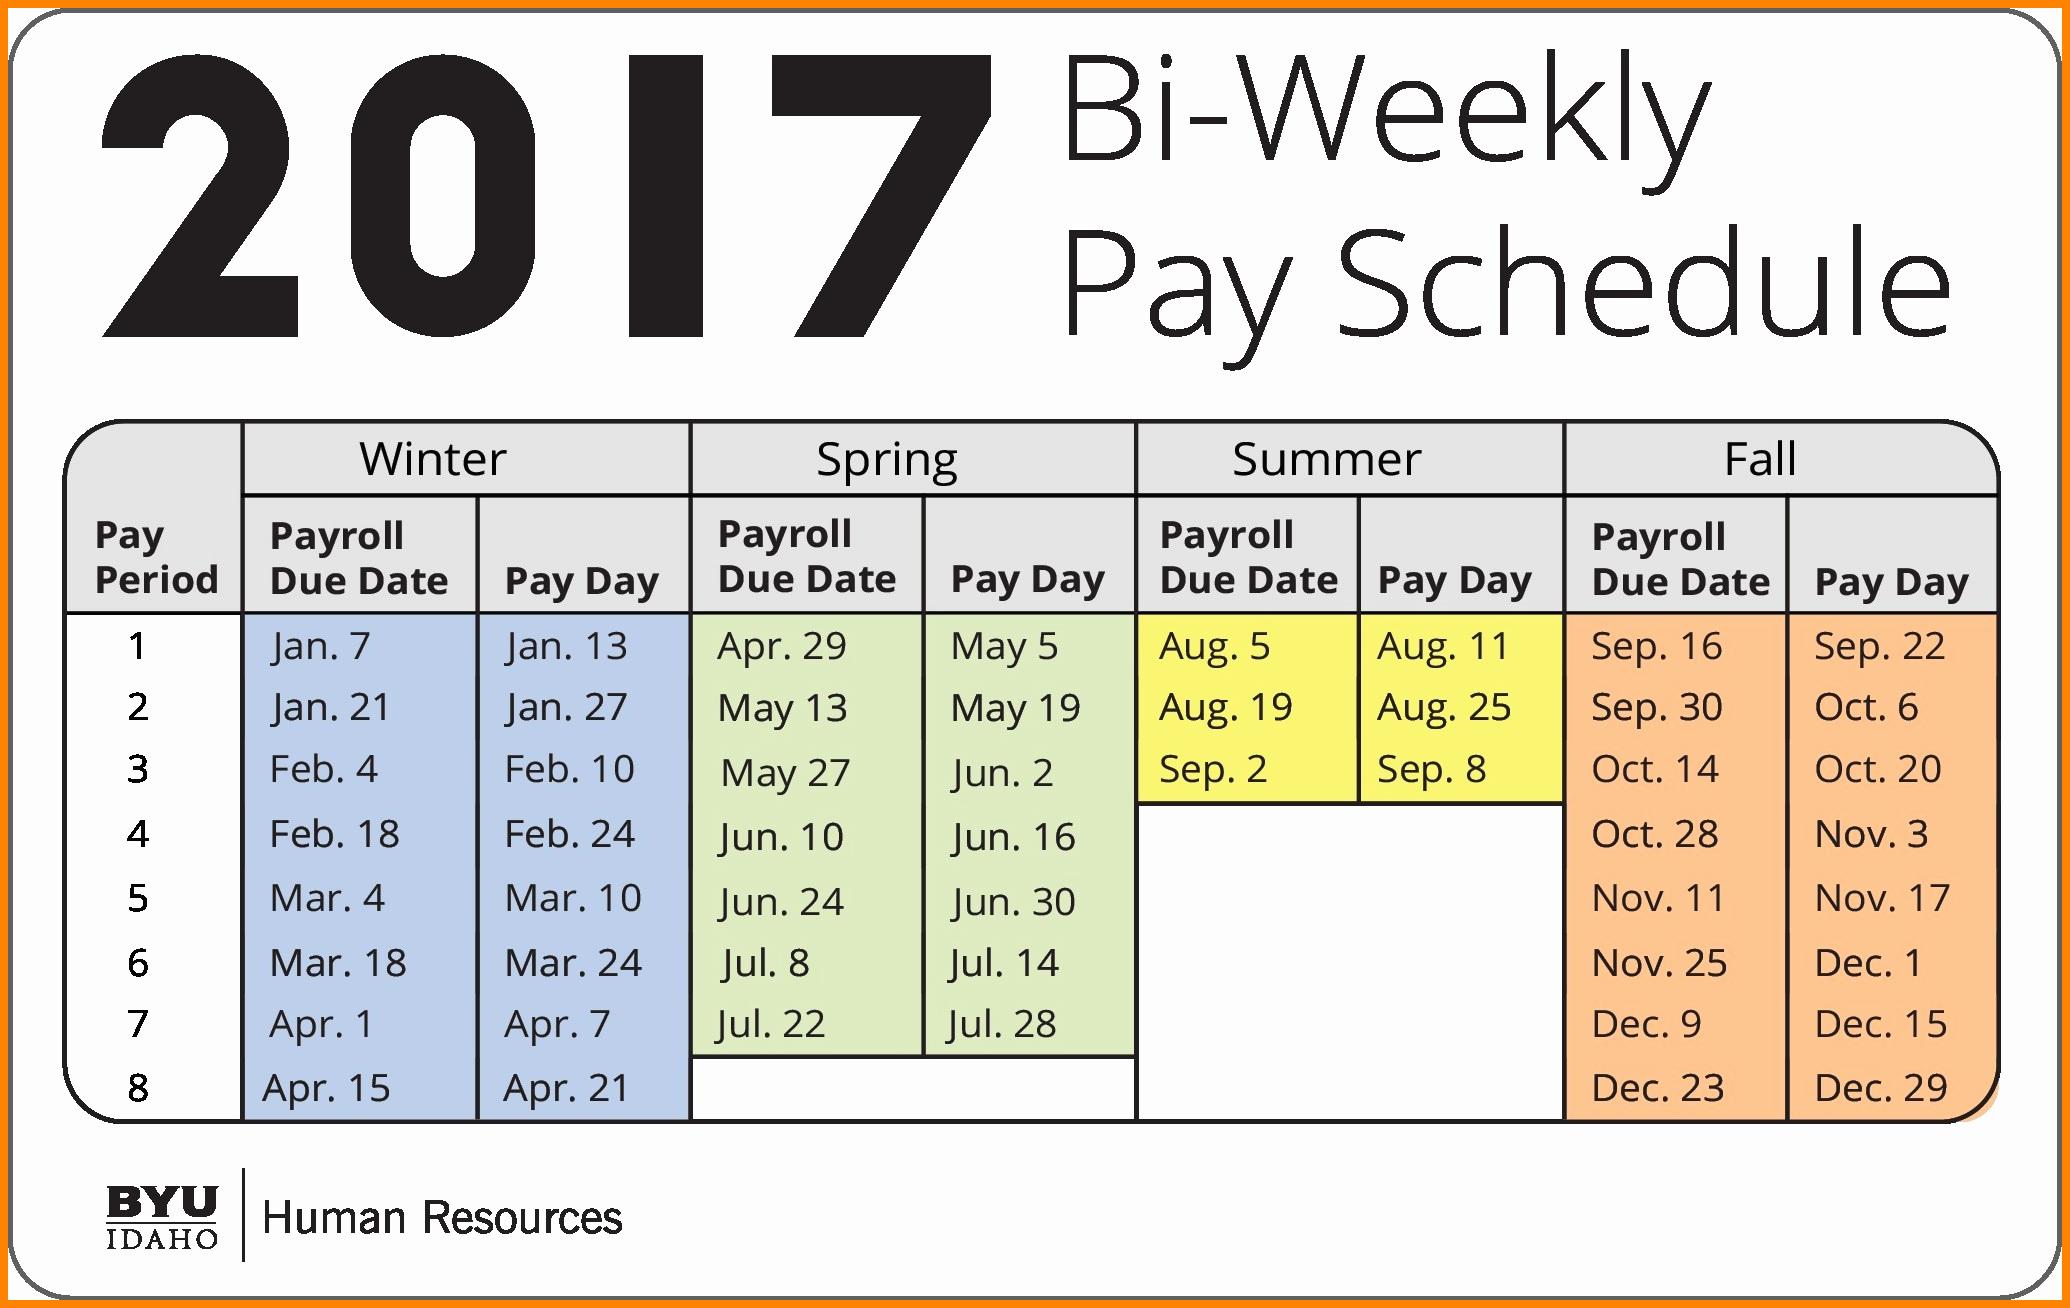 Biweekly Payroll Calendar Template 2017 Beautiful 7 Bi Weekly Payroll Calendar